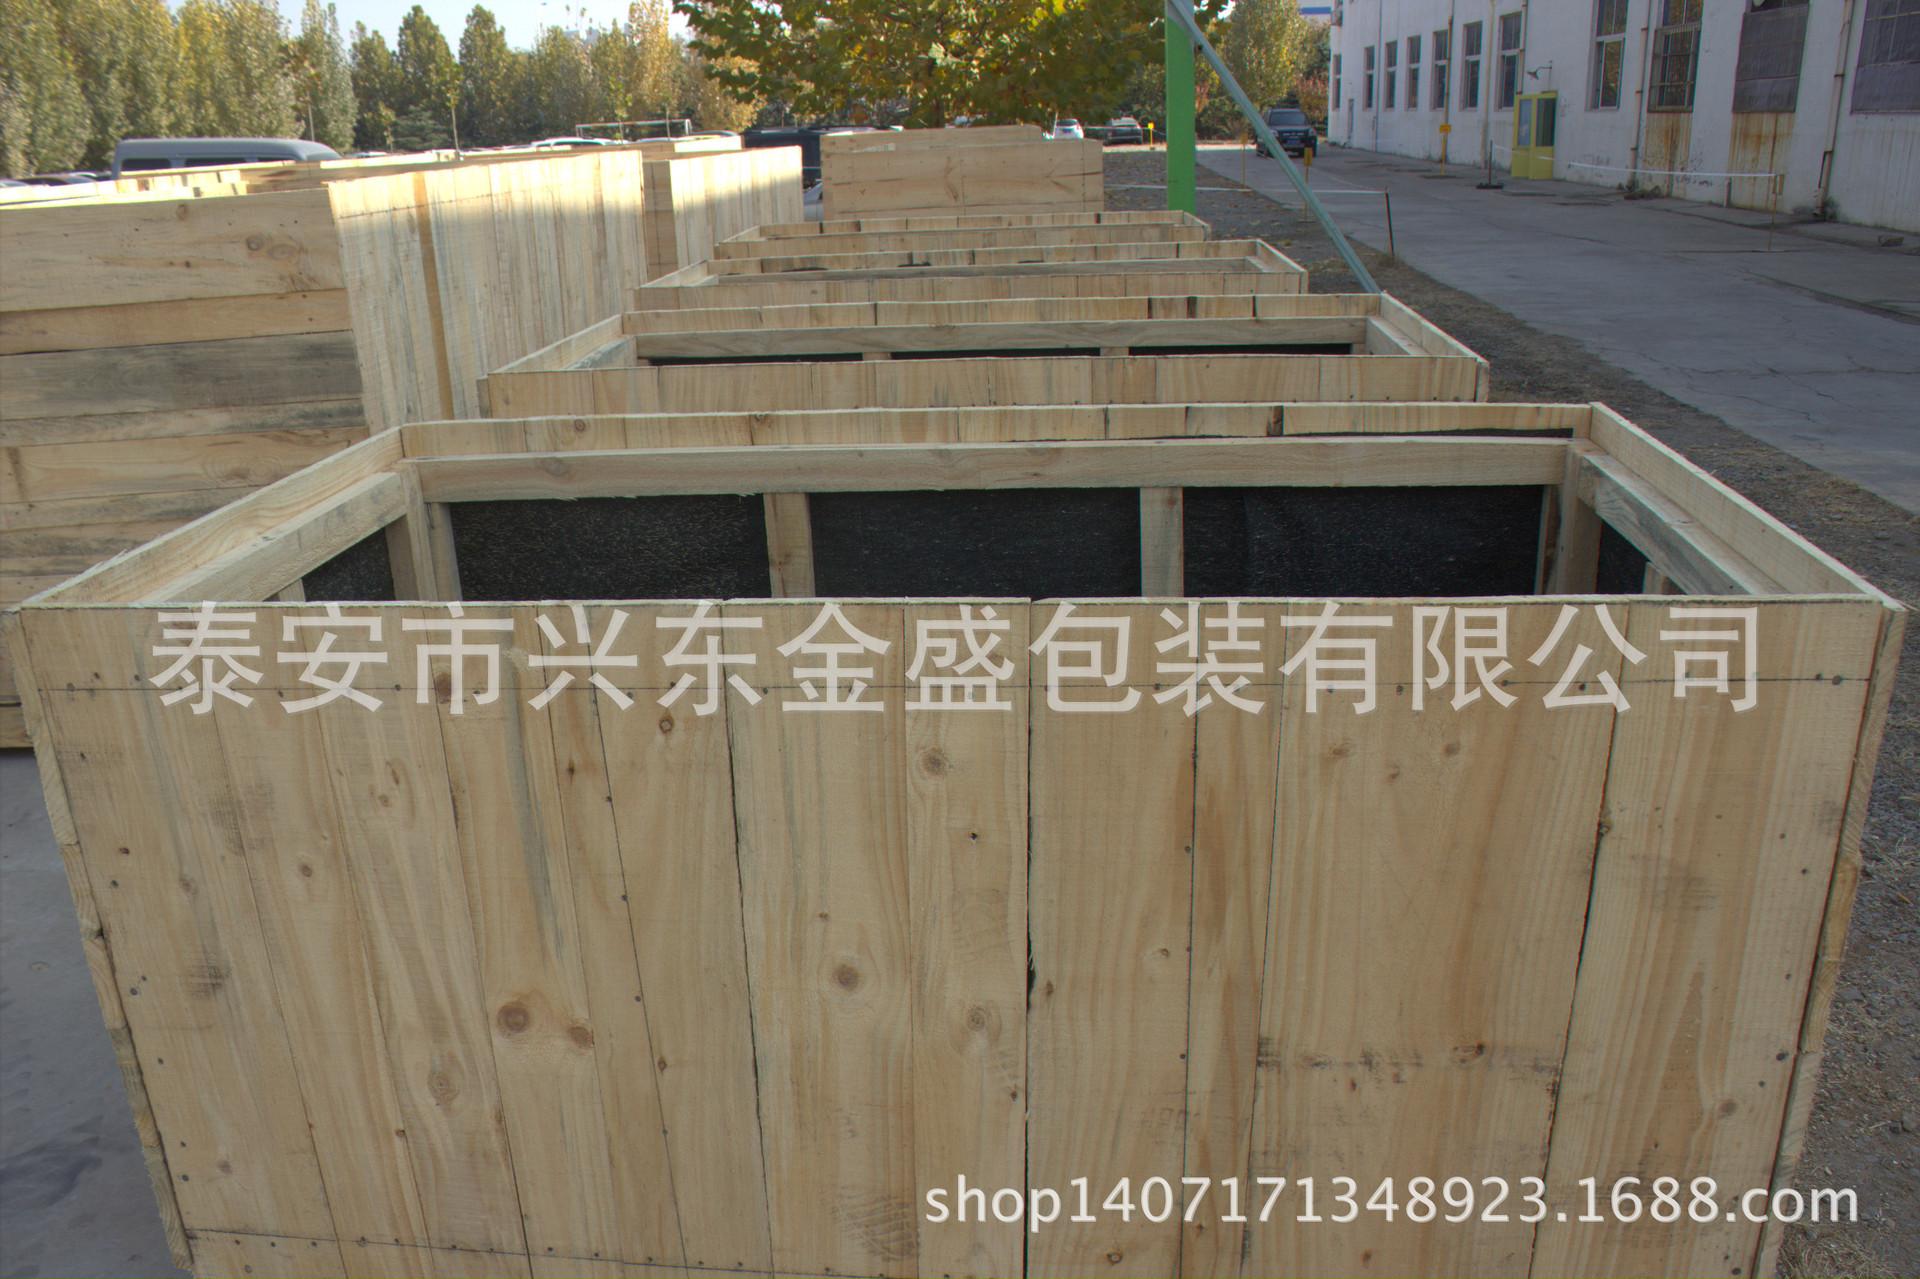 廠家***優質包裝箱 包裝物流木箱 出售各種齊全***木材包裝箱